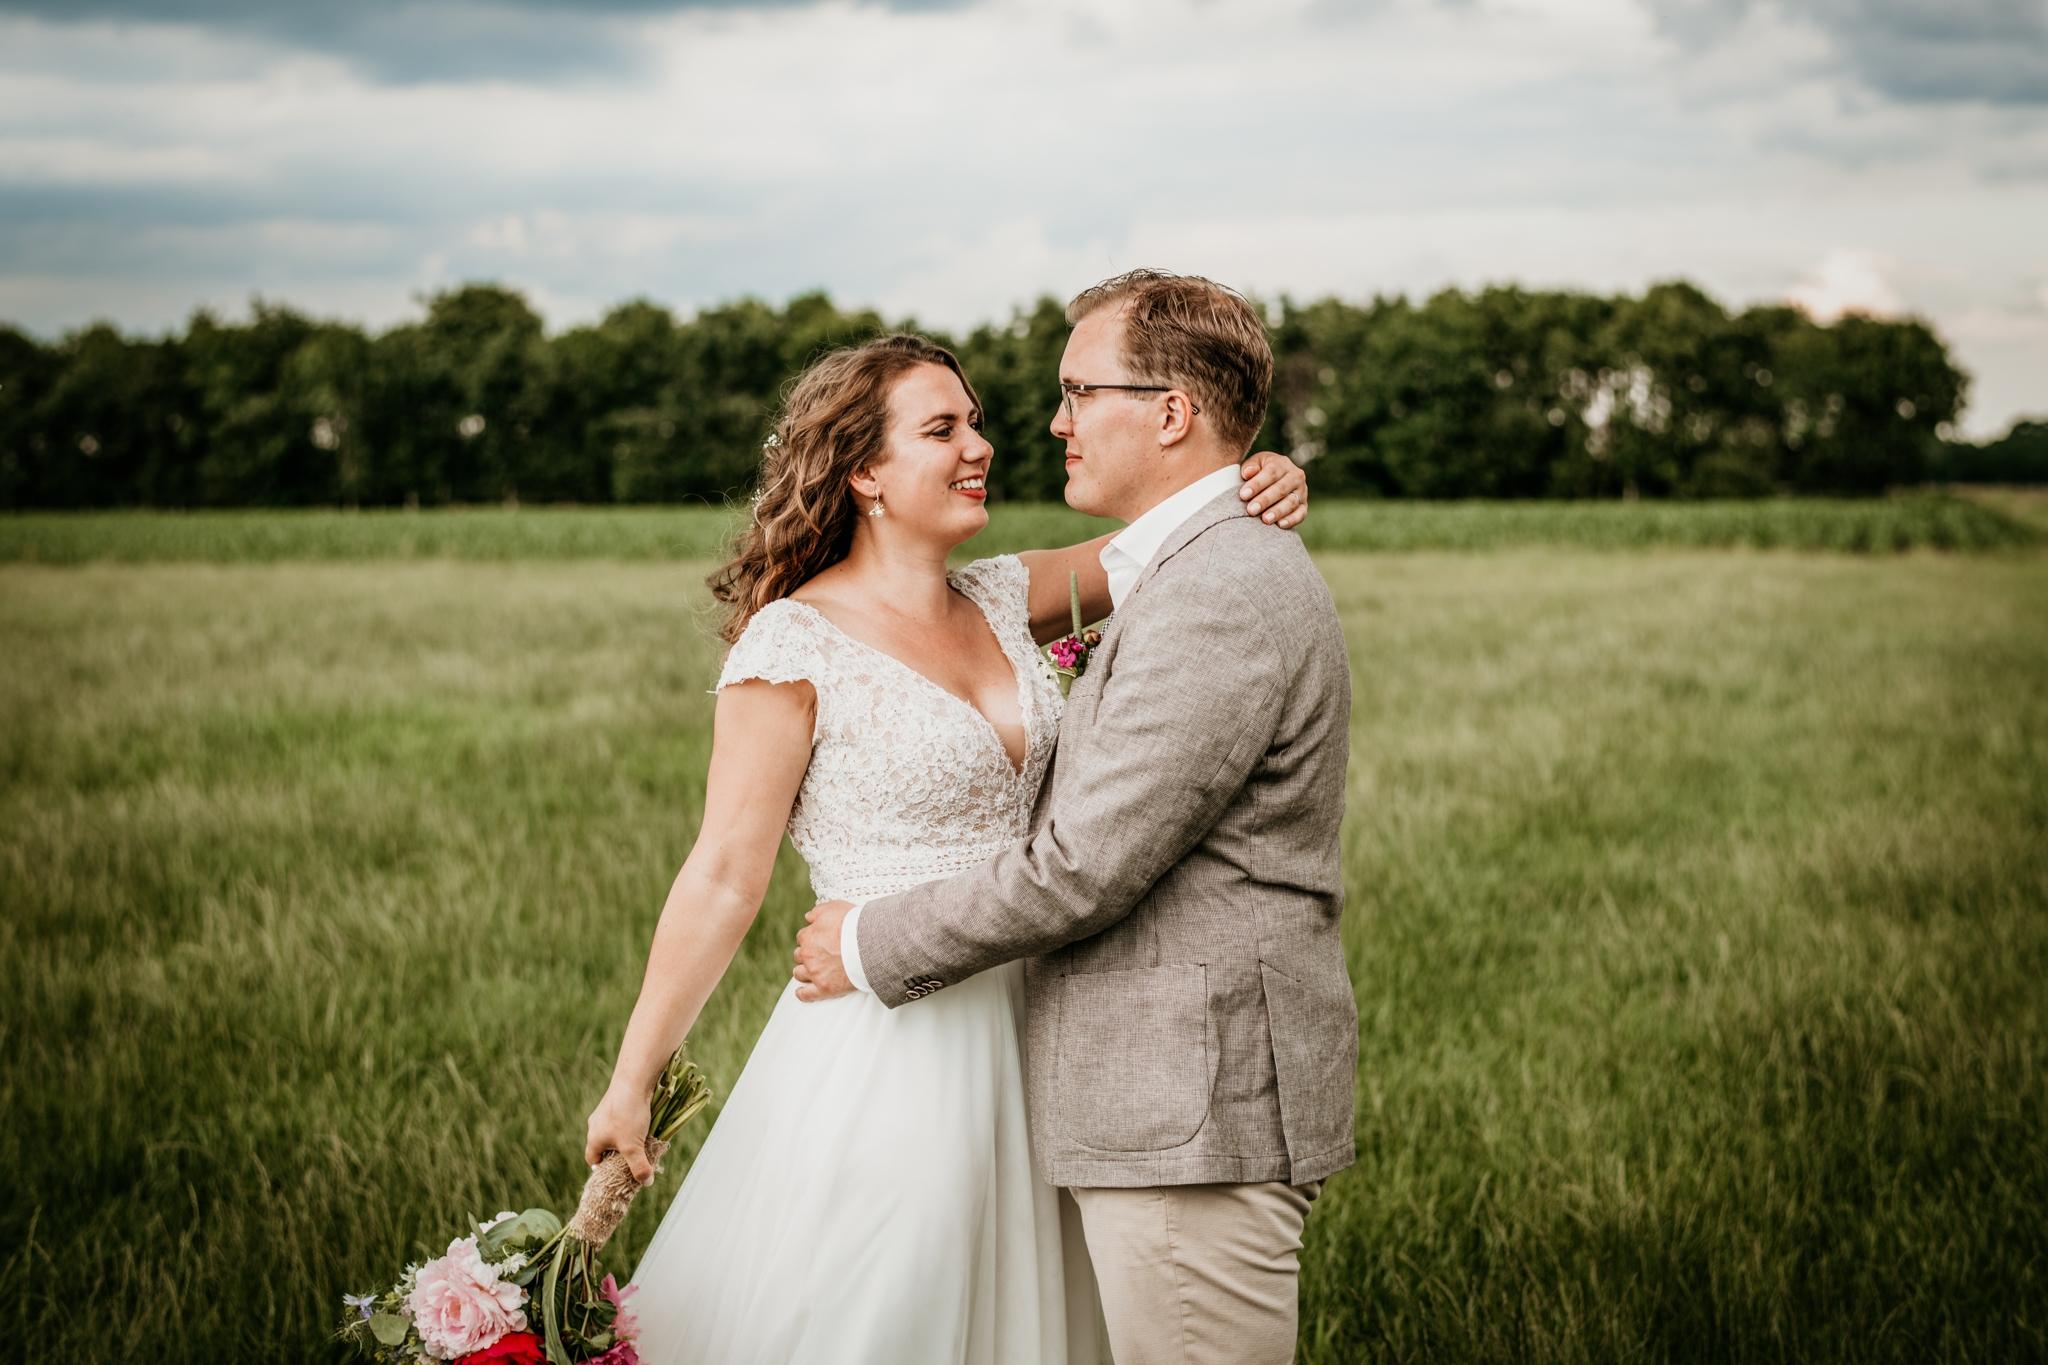 Kleine intieme bruiloft op de camping